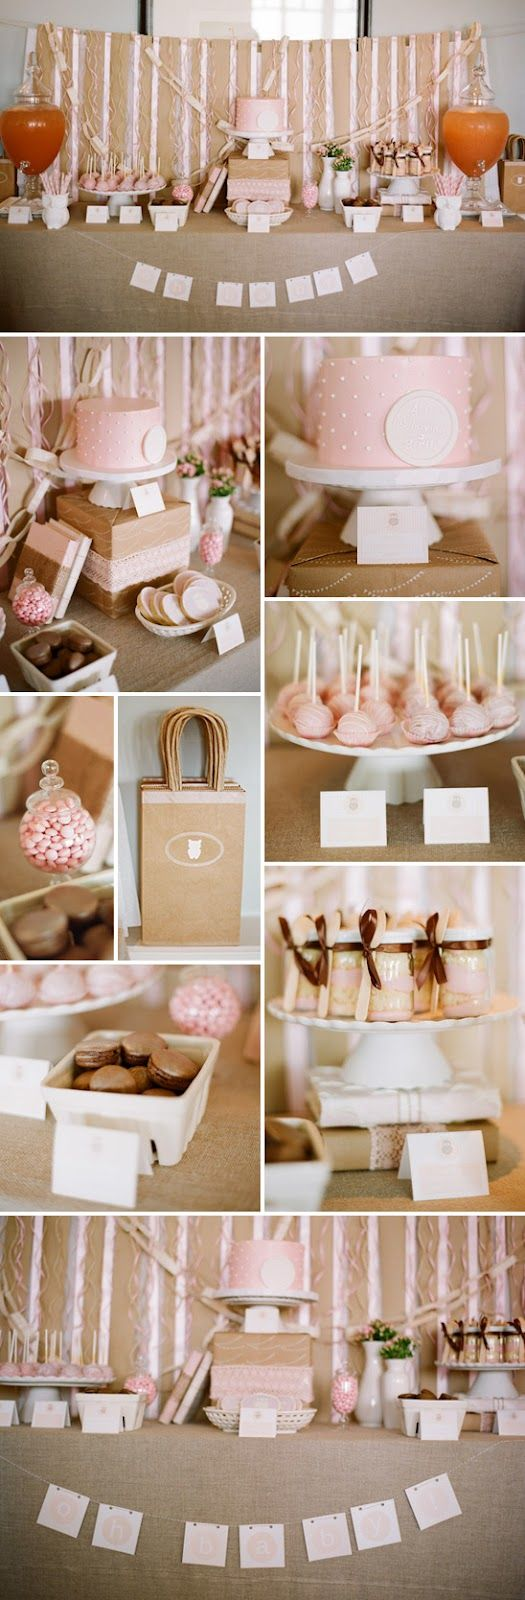 baby shower dessert table by lsd+e